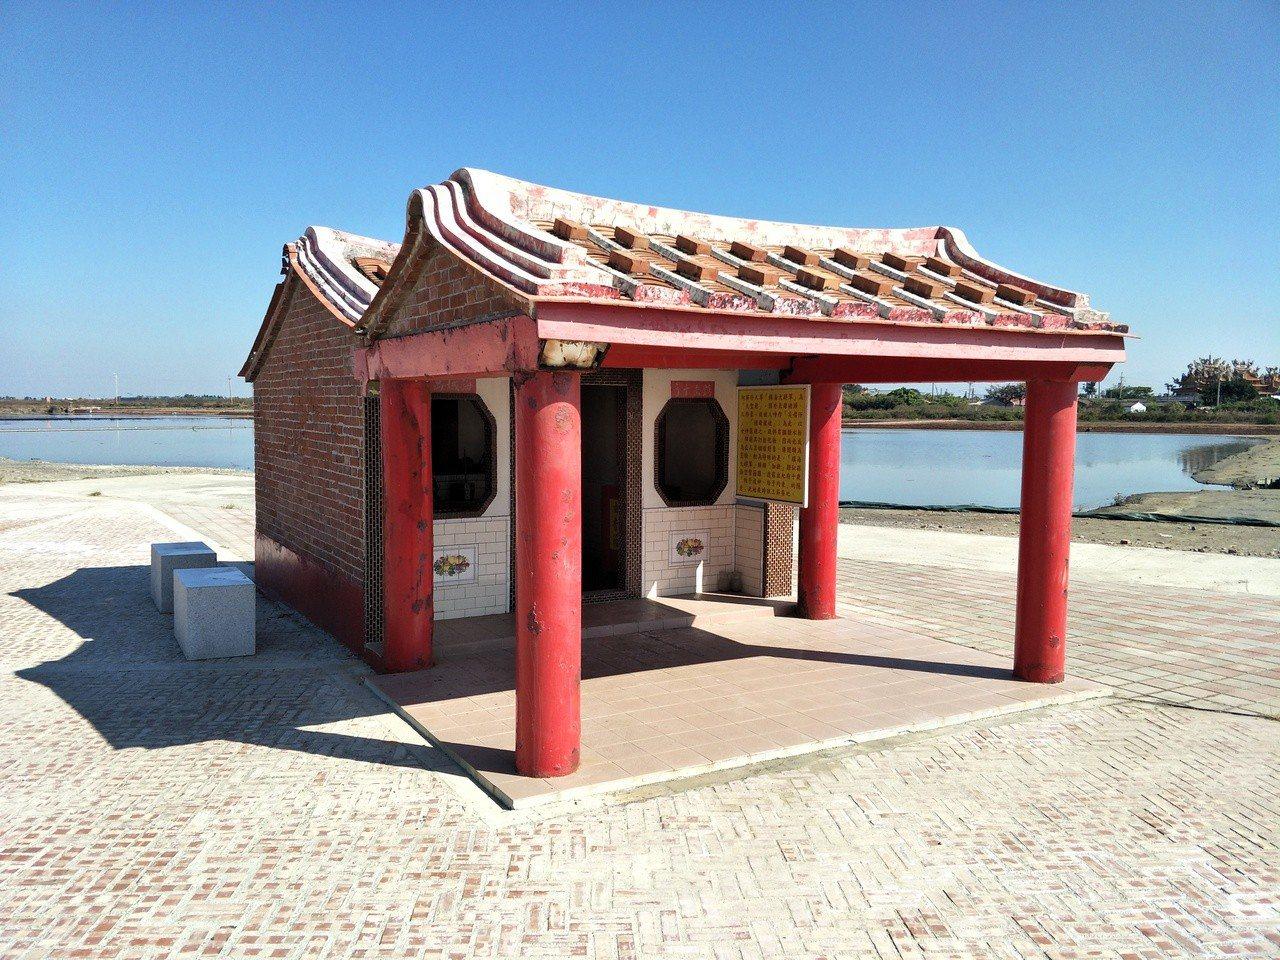 台南北門井仔腳有座罕見「豬母娘娘」祠堂,圖為外觀。記者謝進盛/攝影